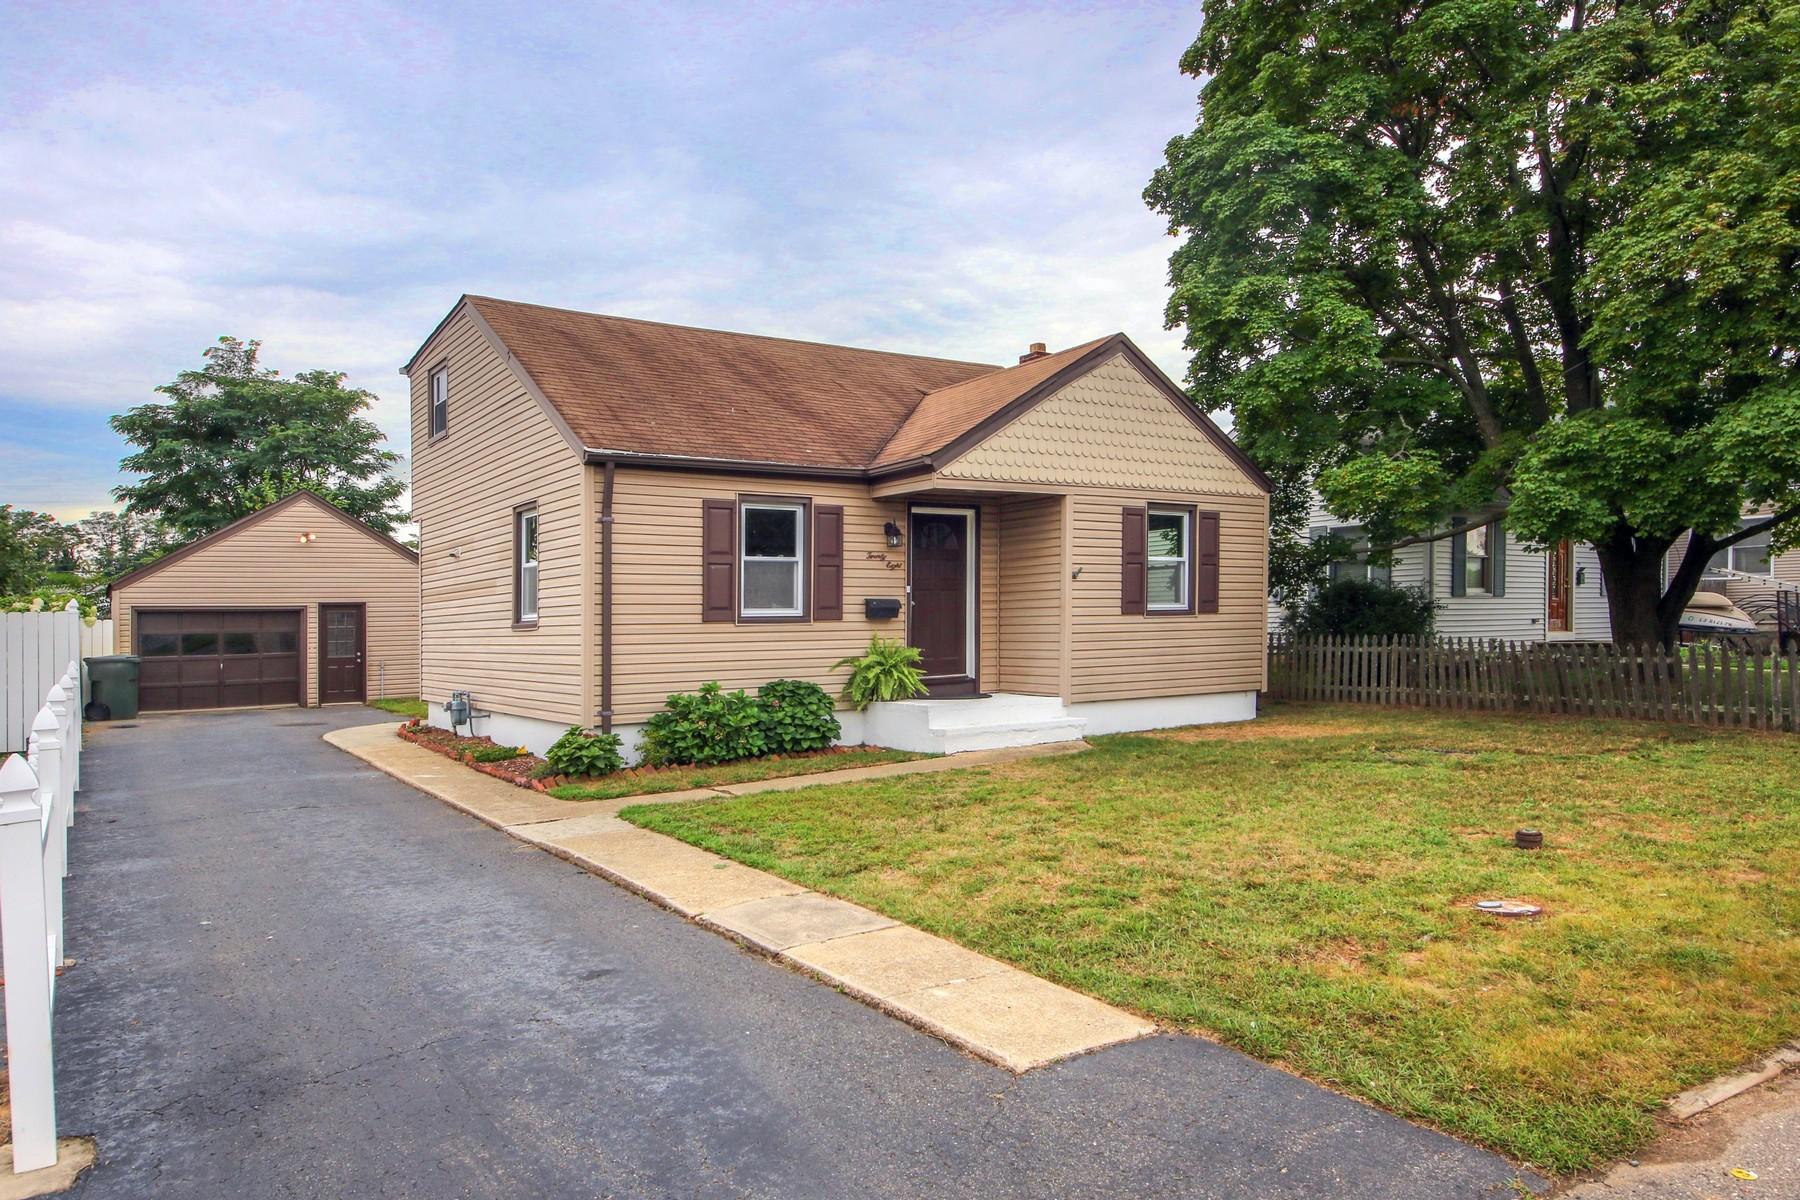 Single Family Homes for Sale at 28 Carmen St, Hazlet 28 Carmen St. Hazlet, New Jersey 07734 United States